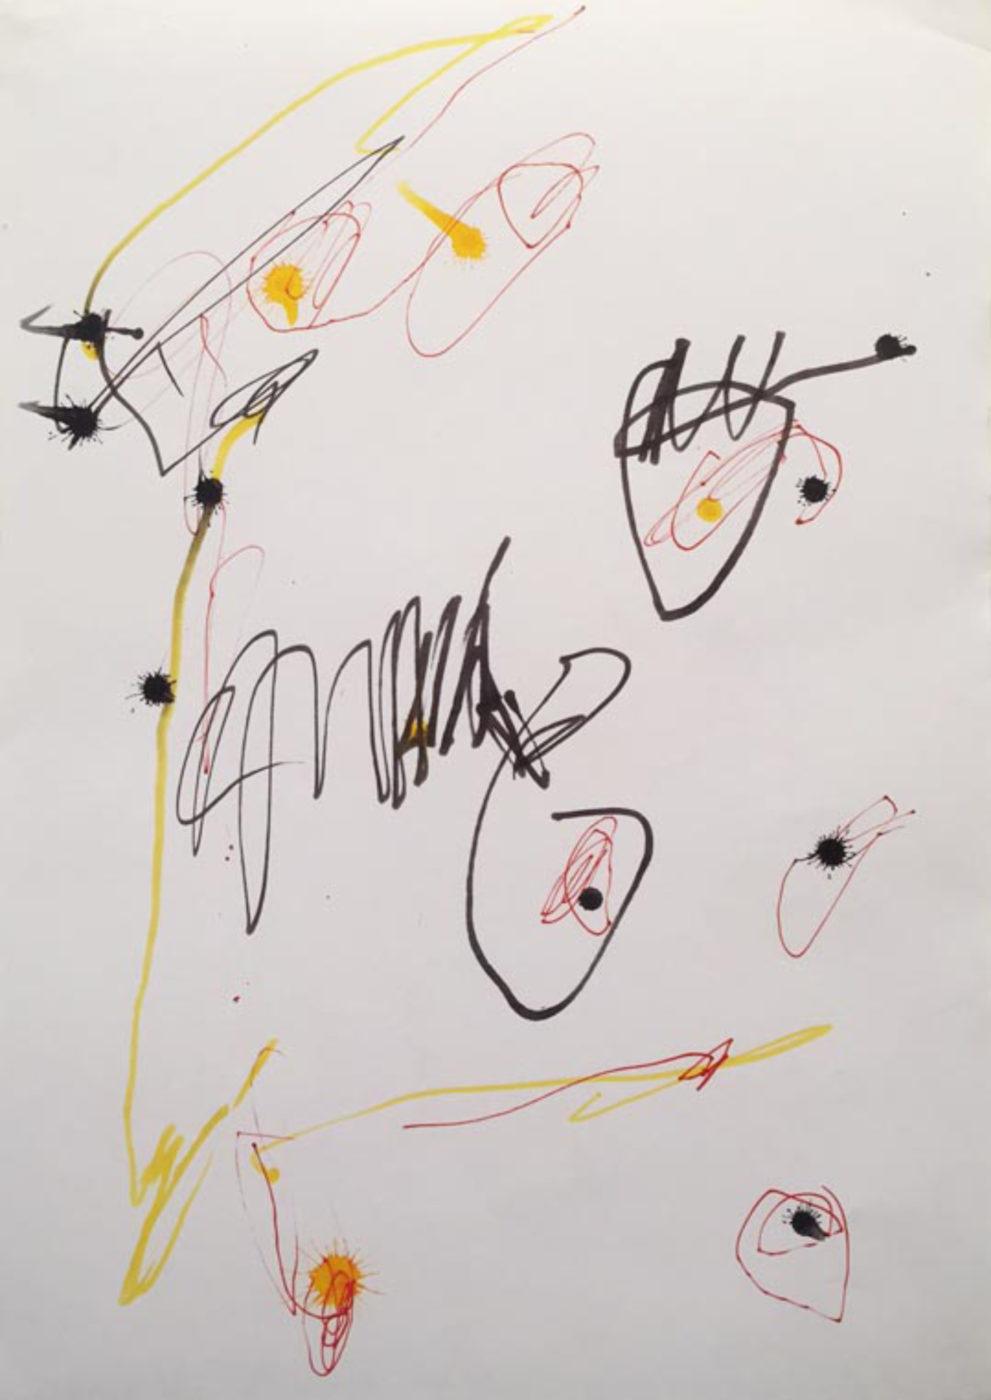 MARC FELD 2003 LITTLE SONG FOR MAURICIO KAGEL 8 Stylo feutre et stylo bille sur papier 21x29, 7 cm